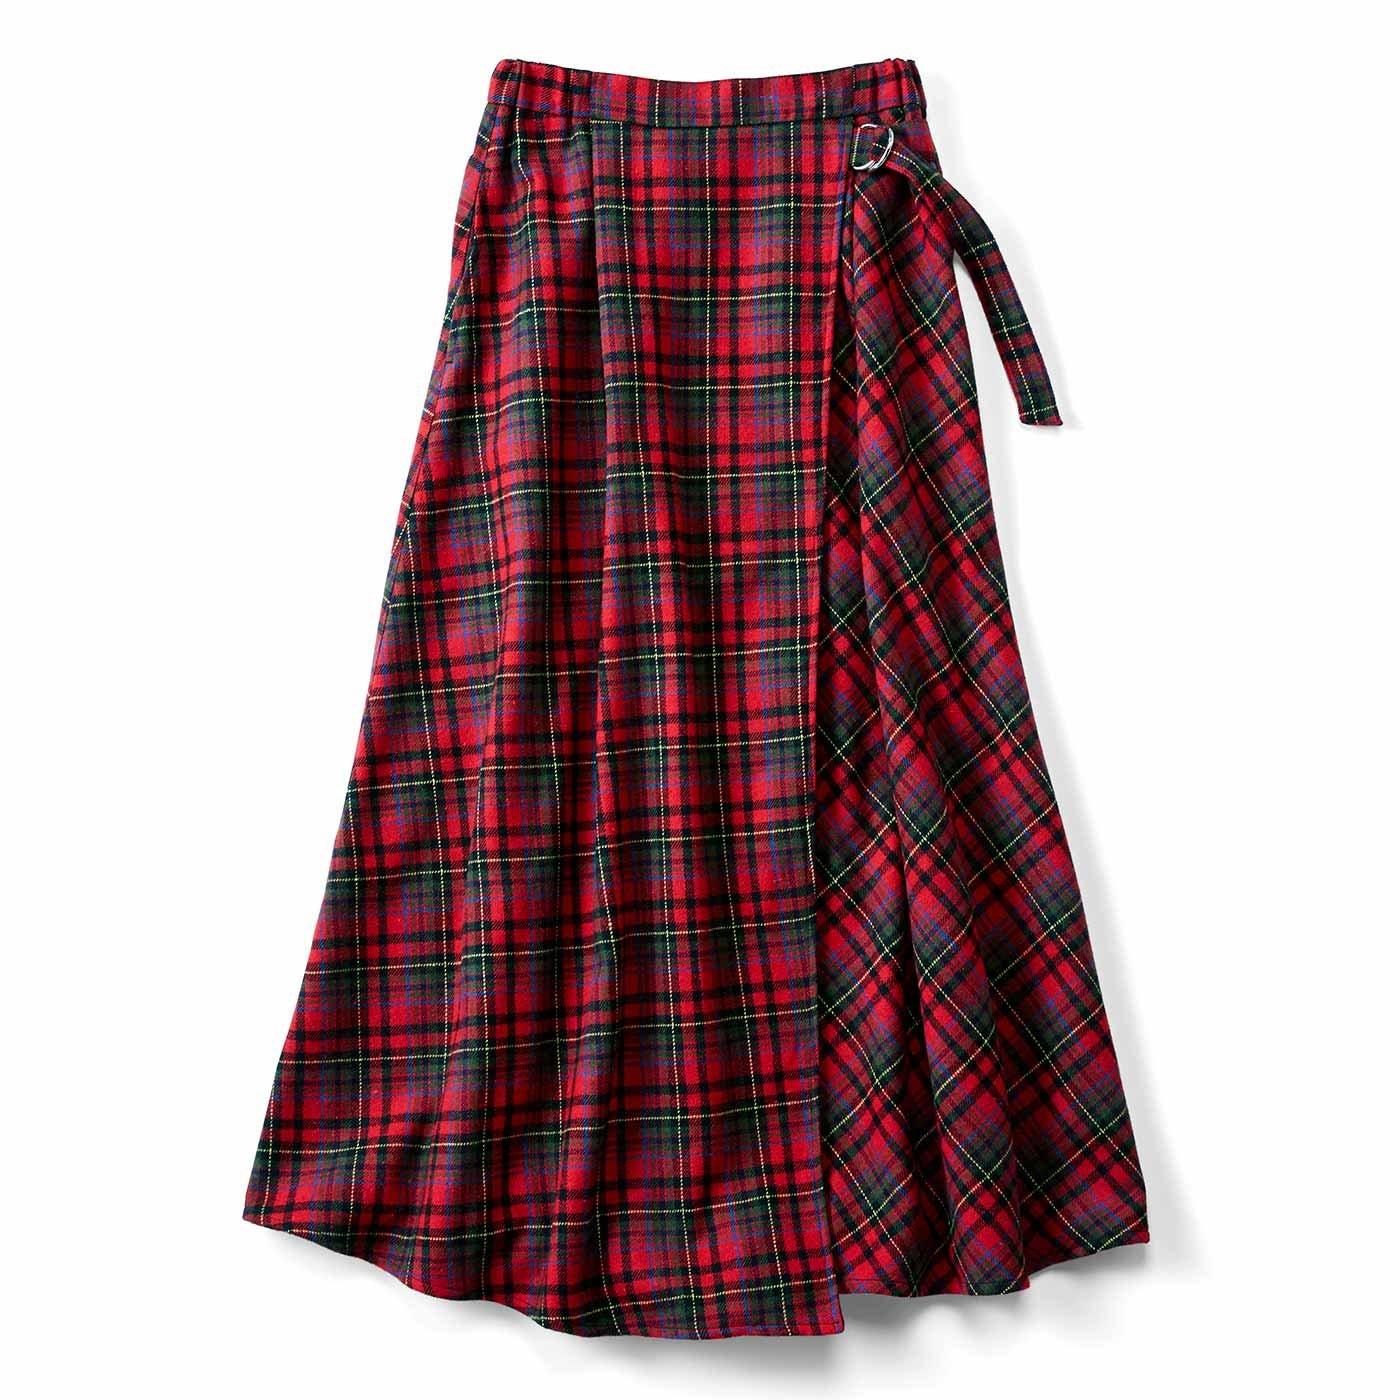 リブ イン コンフォート はくだけで即華やぐ! 大人チェック柄の巻き風スカート〈レッド〉